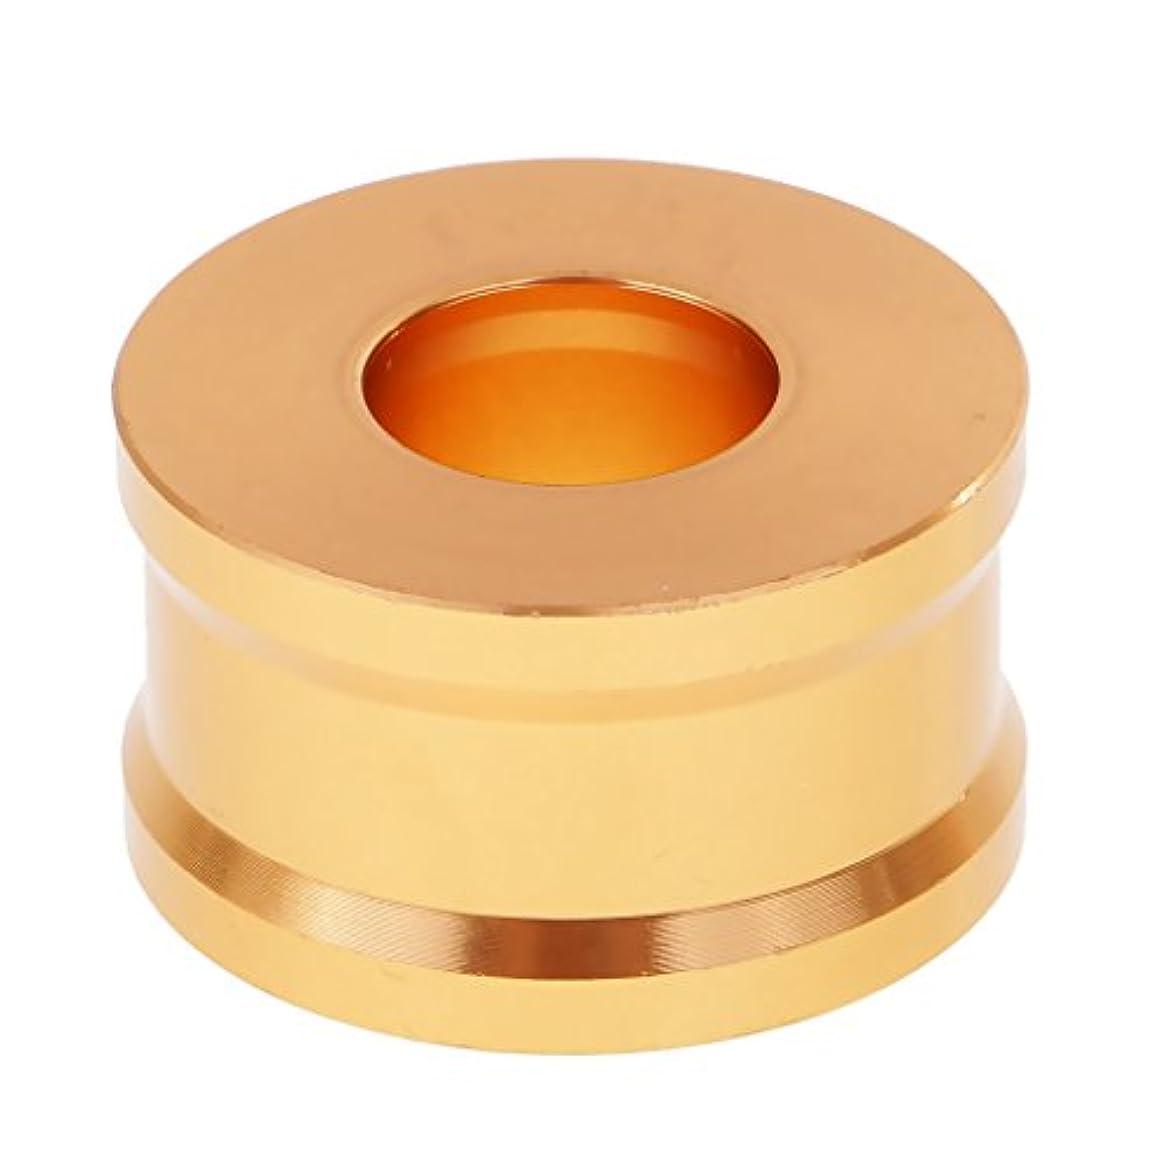 法律愛よろしく12.1ミリメートルチューブのためのDIYの口紅の型リングのリップクリームDIY金型メイクアップツール